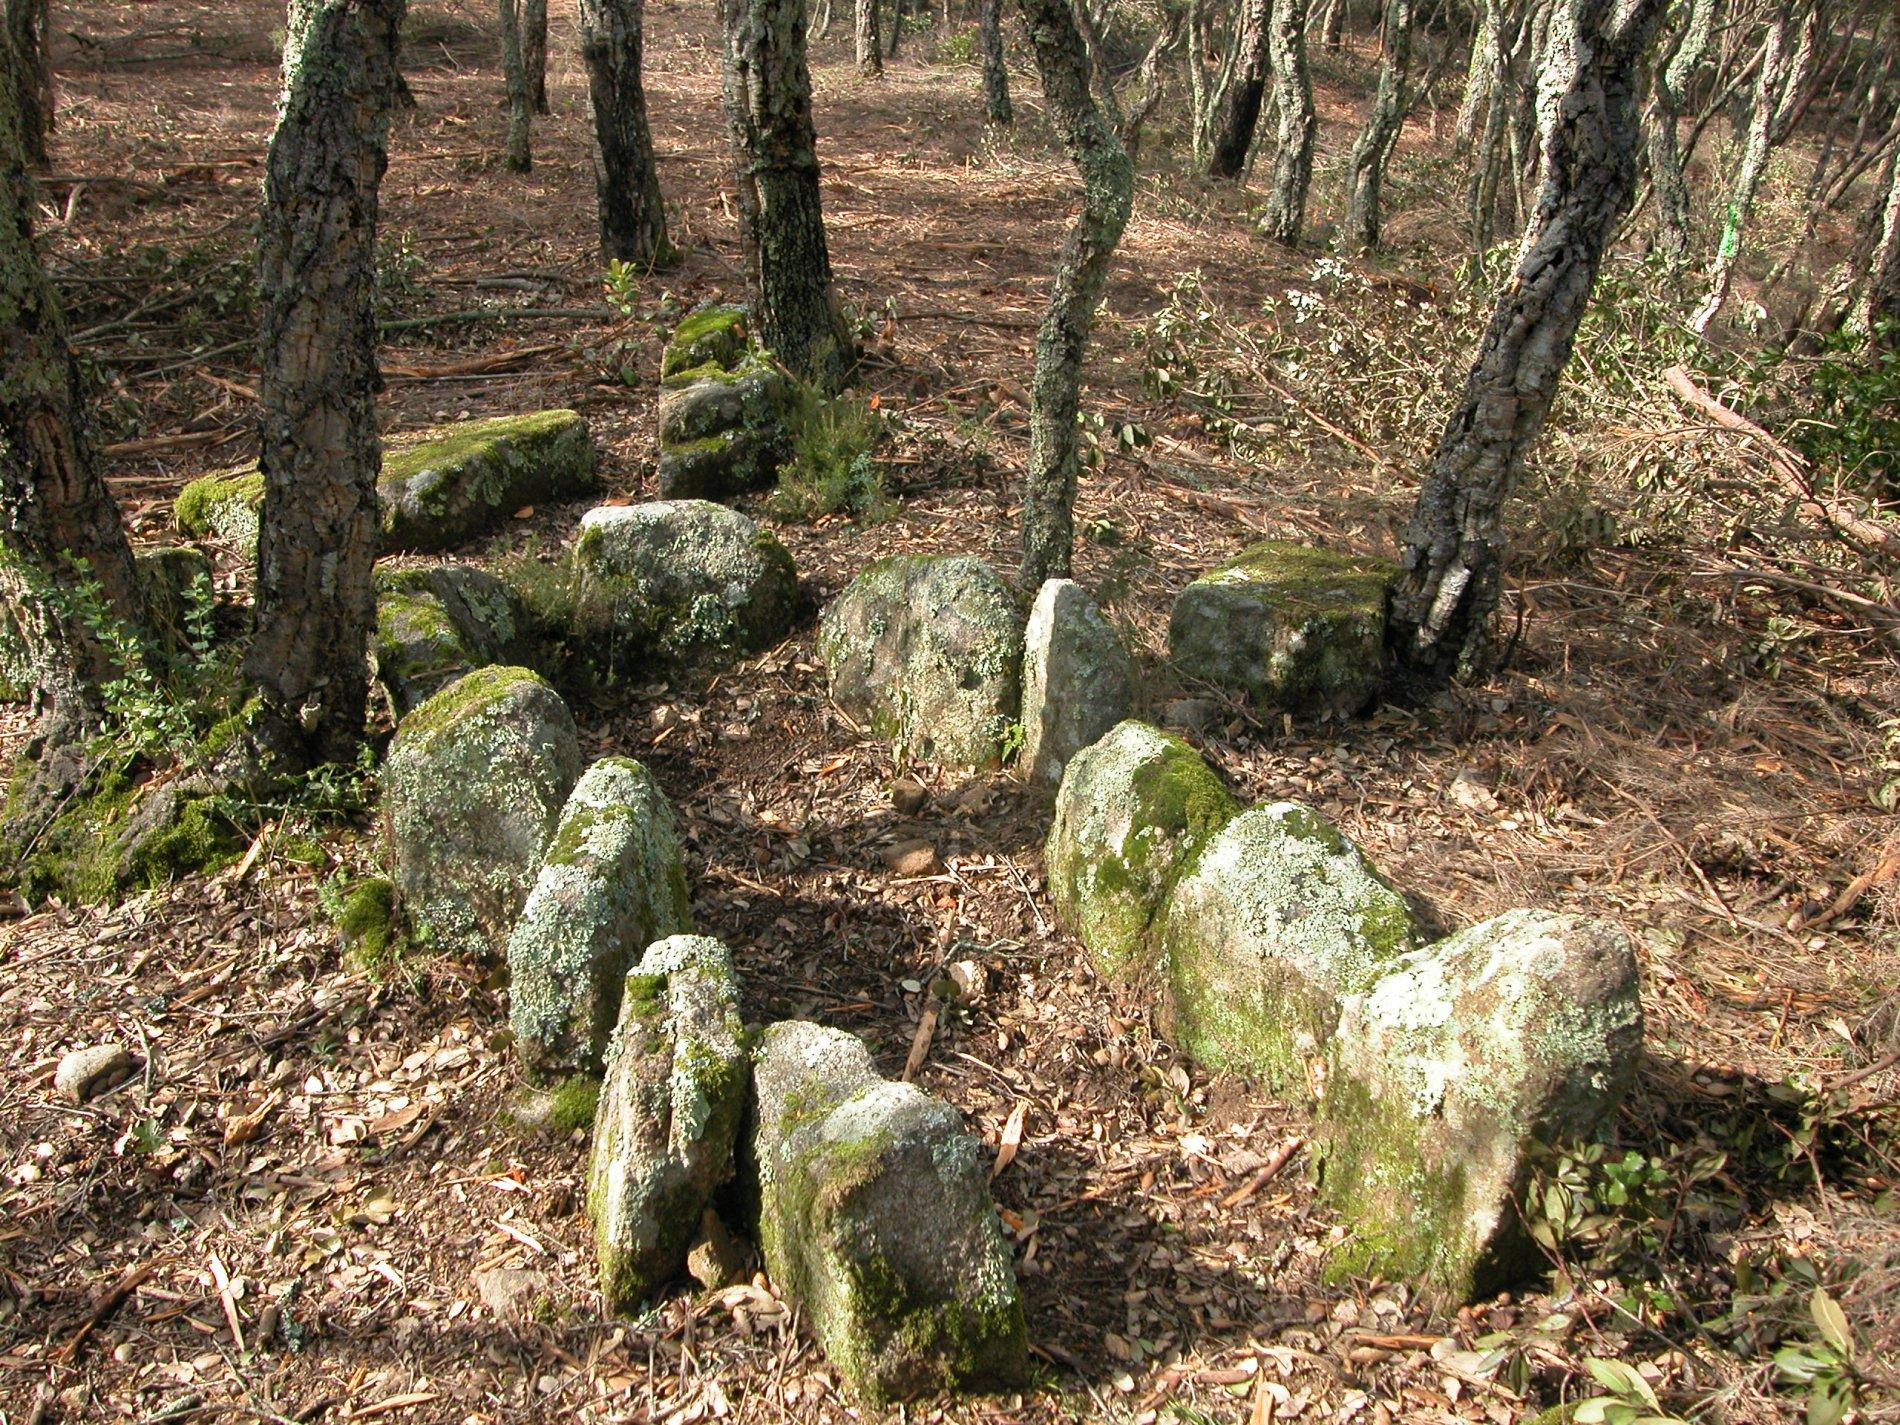 Les cistes eren monuments megalítics anteriors als dolmens i eren tombes individuals o de dos individus enterrats al mateix moment. Son caixes de pedres que un cop es tancaven no es tornaven a utilitzar. La de la imatge està molt ben conservada, te onze lloses in situ i tres que es troben un xic desplaçades de la seva ubicació original. La cista es troba enmig d'una sureda al costat de la carretera que puja de Calonge a Romanyà. Aquest últim nucli de població és un dels grans focus en megalitisme a les Gavarres.